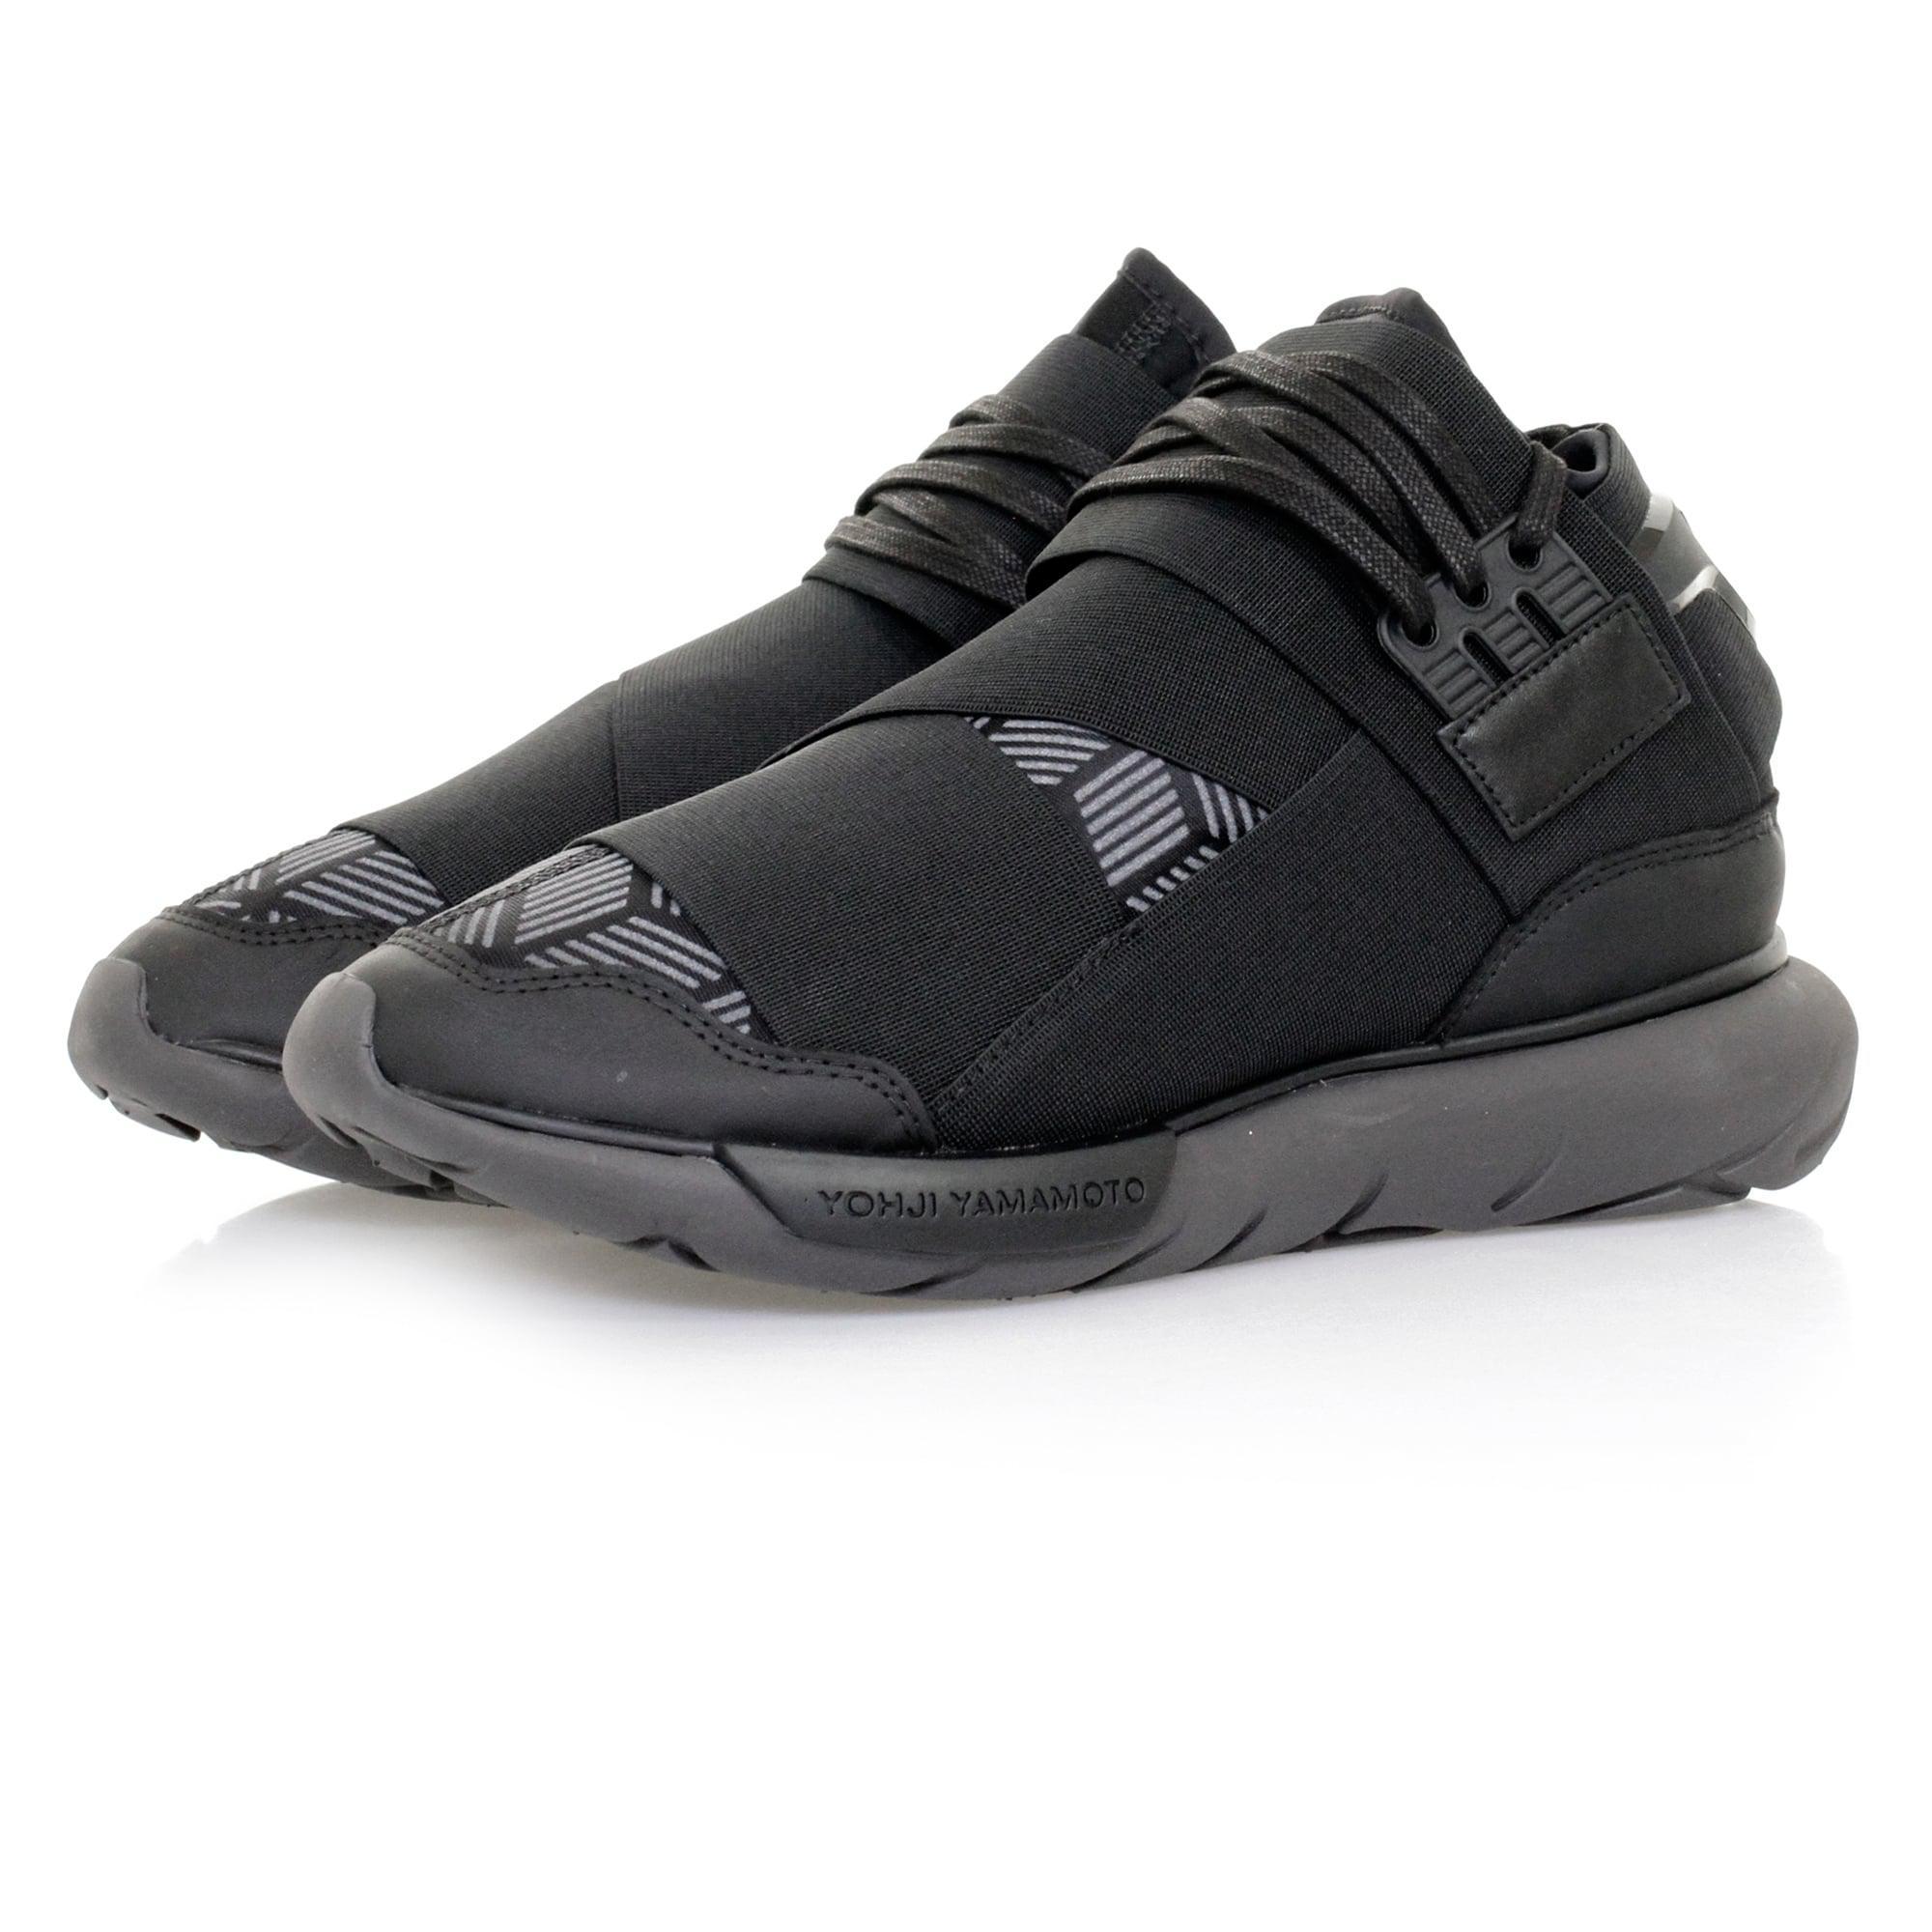 e5db529c2 Adidas Originals Y-3 Qasa High Cool Grey Men s Shoes